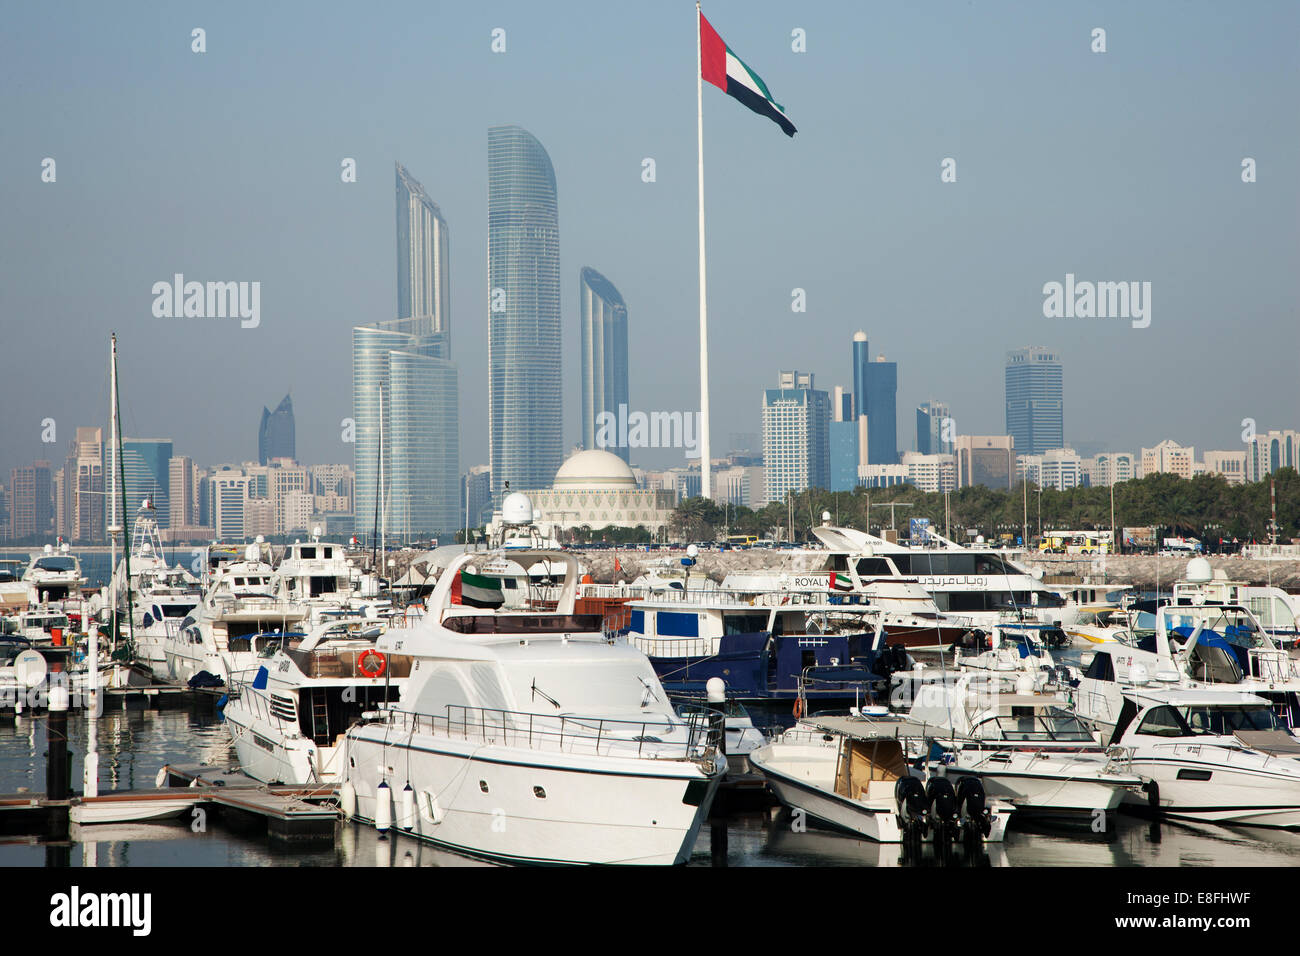 Emirats arabes unis, Abu Dhabi, Skyline avec Harbour et les bateaux en premier plan Photo Stock